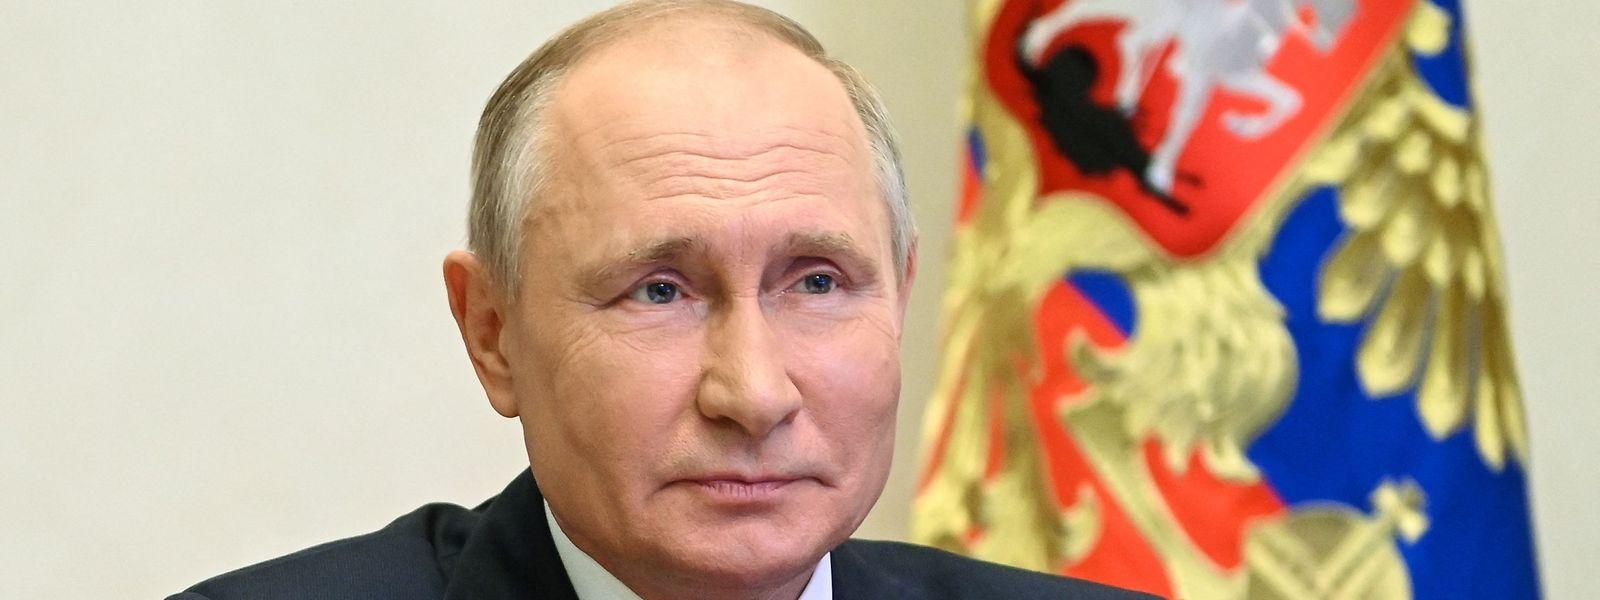 Die Regierung rund um Wladimir Putin sieht die Unabhängigkeit der russischen Wahlen durch die USA bedroht.